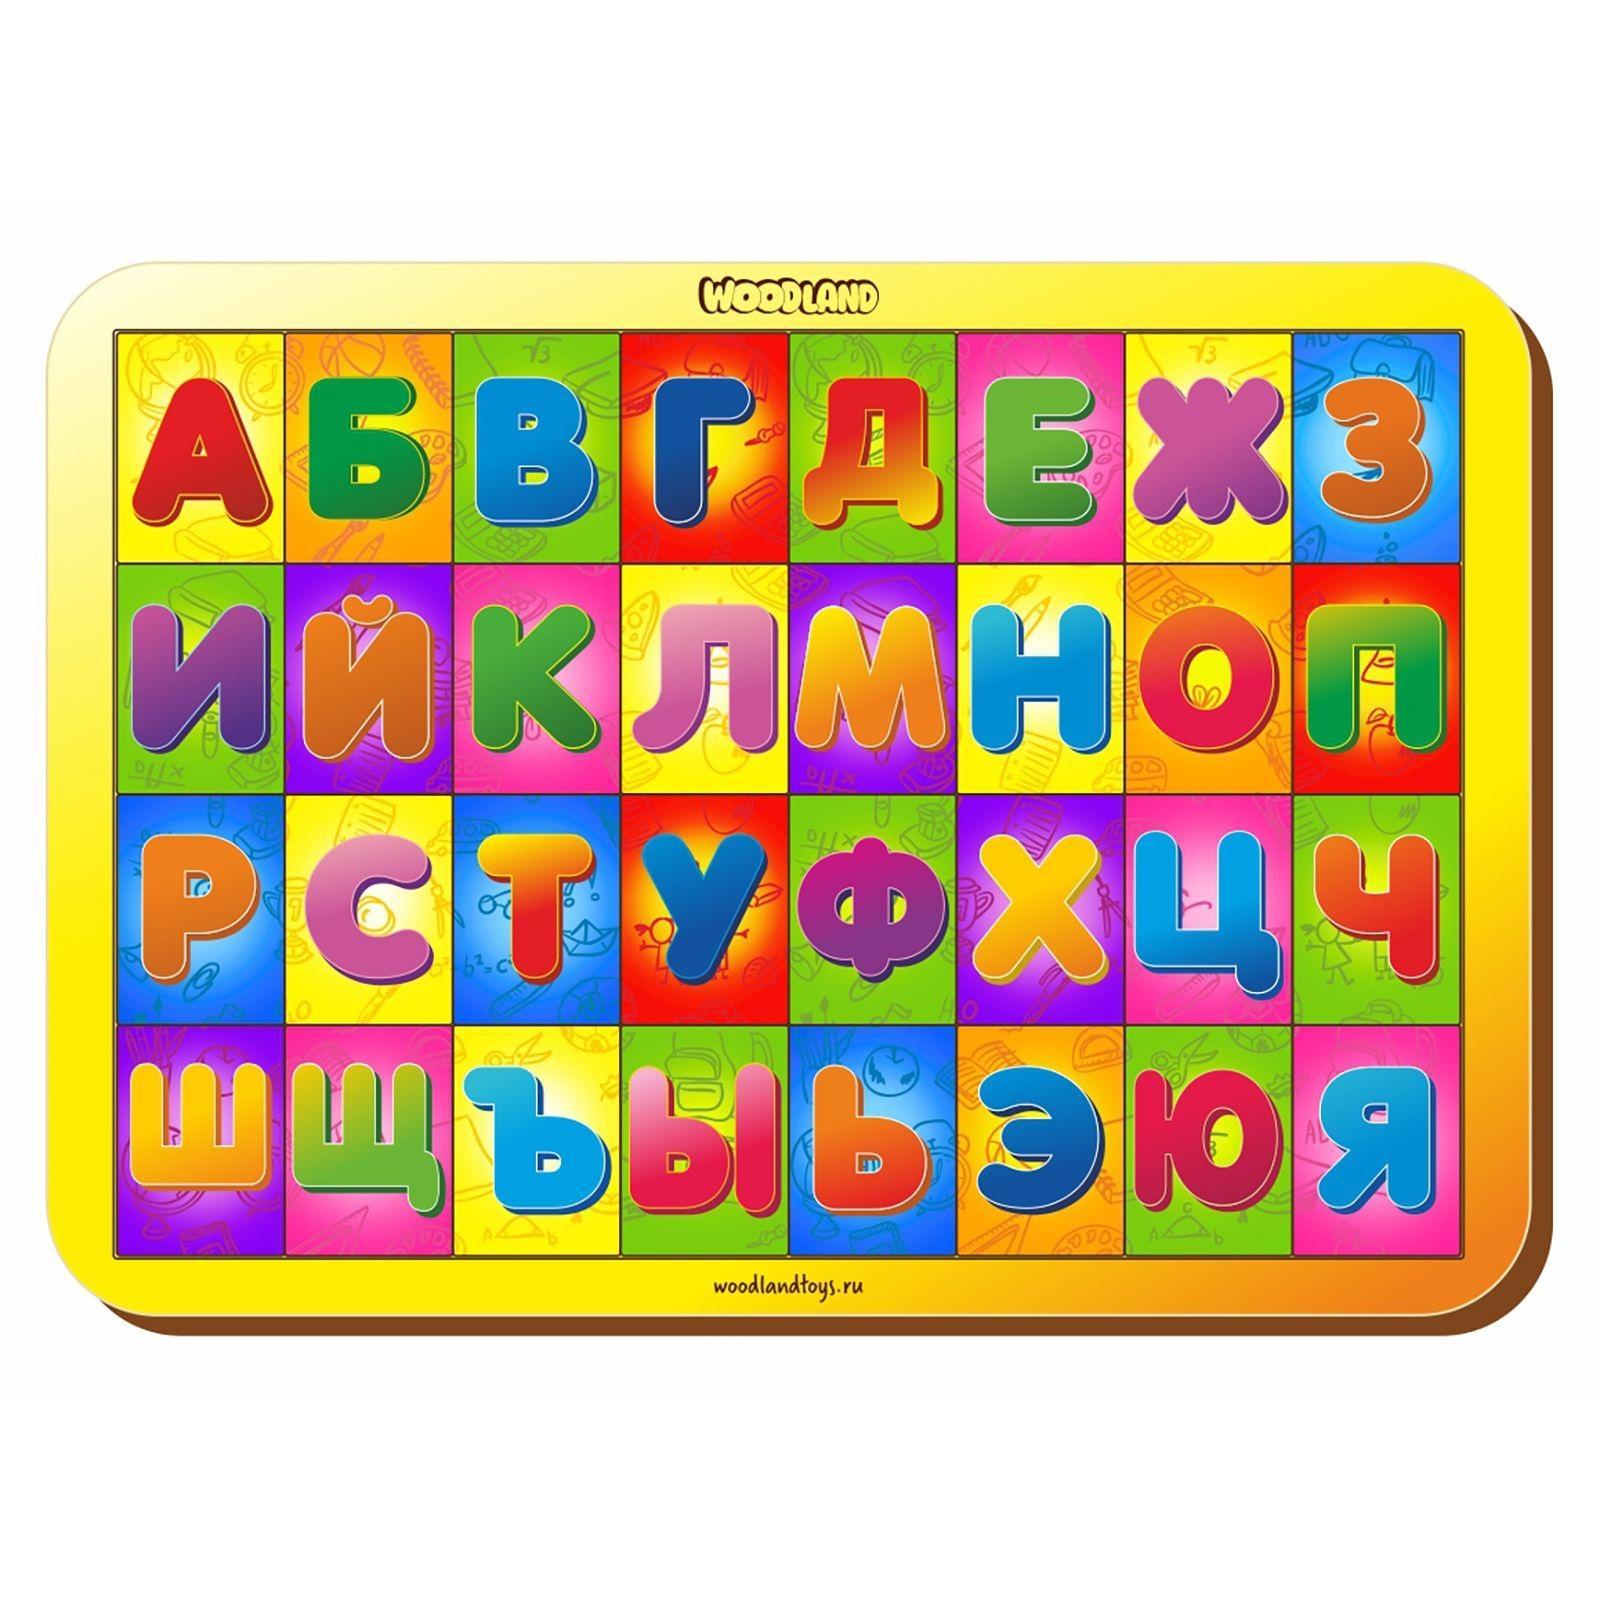 Рамка-вкладыш - Изучаем буквы и алфавитРамки и паззлы<br>Рамка-вкладыш - Изучаем буквы и алфавит<br>